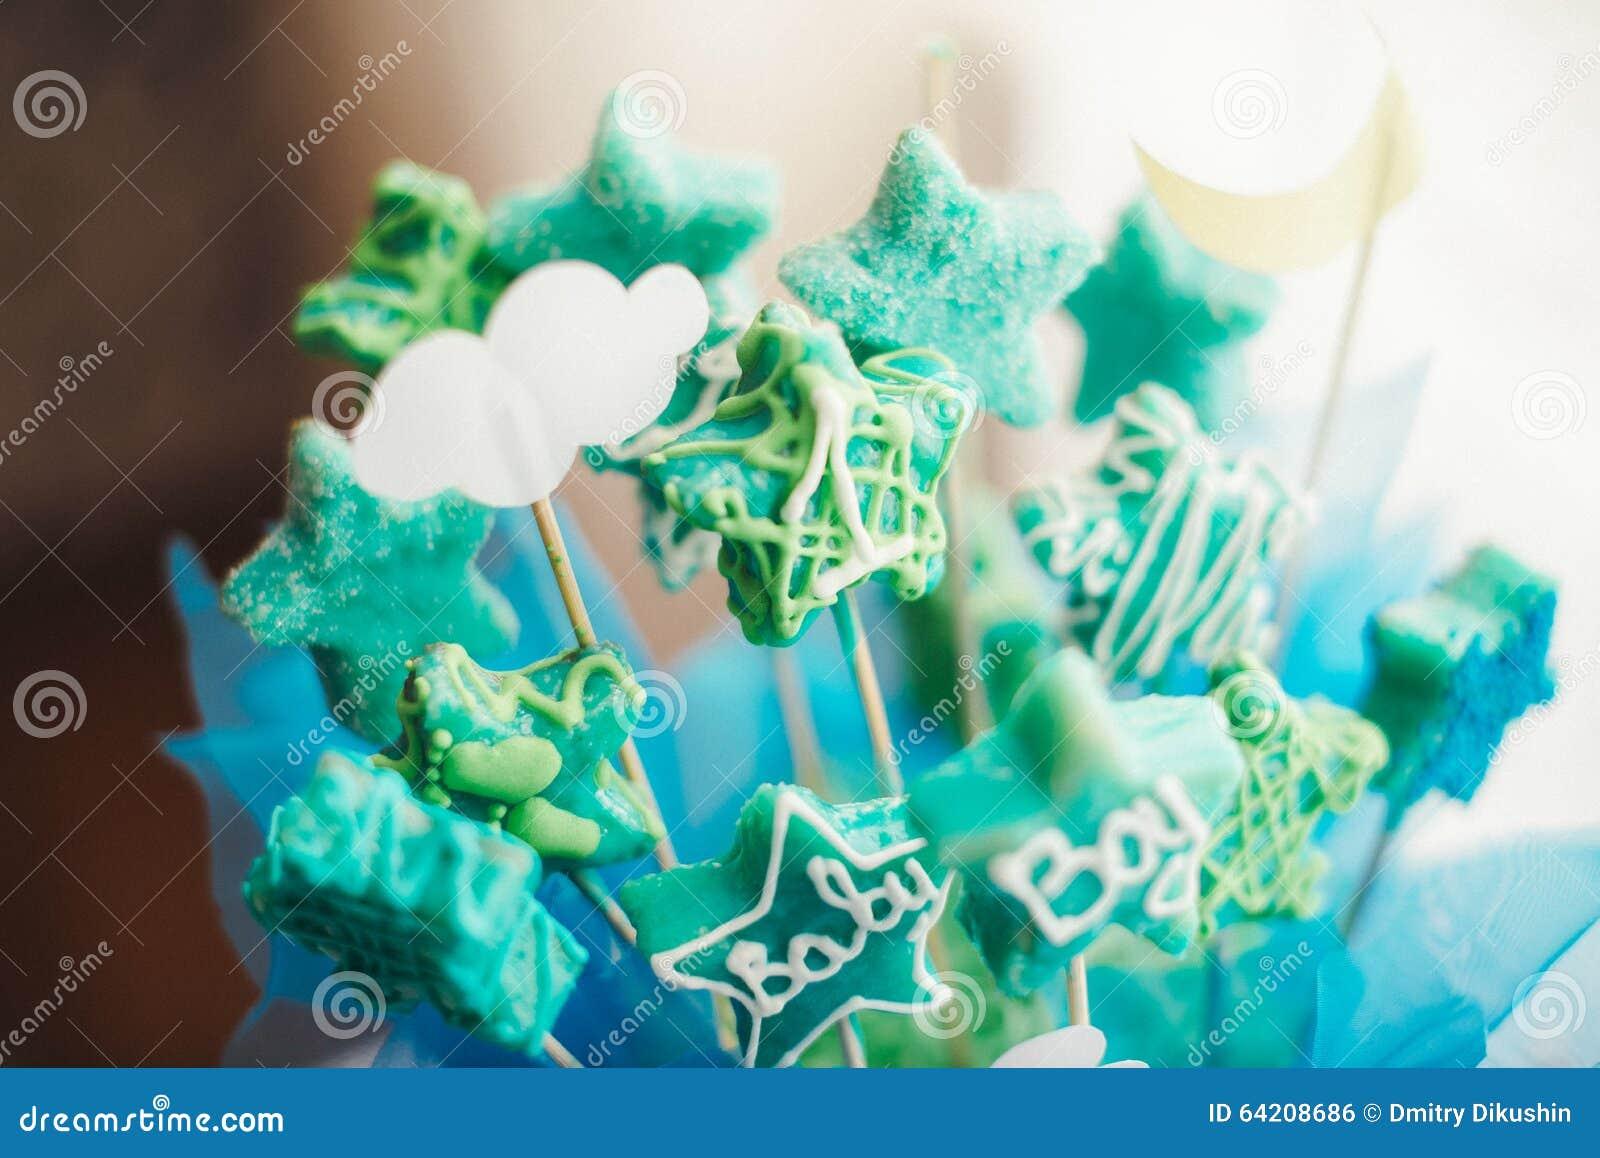 Tabla dulce como barra de caramelo con diversos dulces en cena